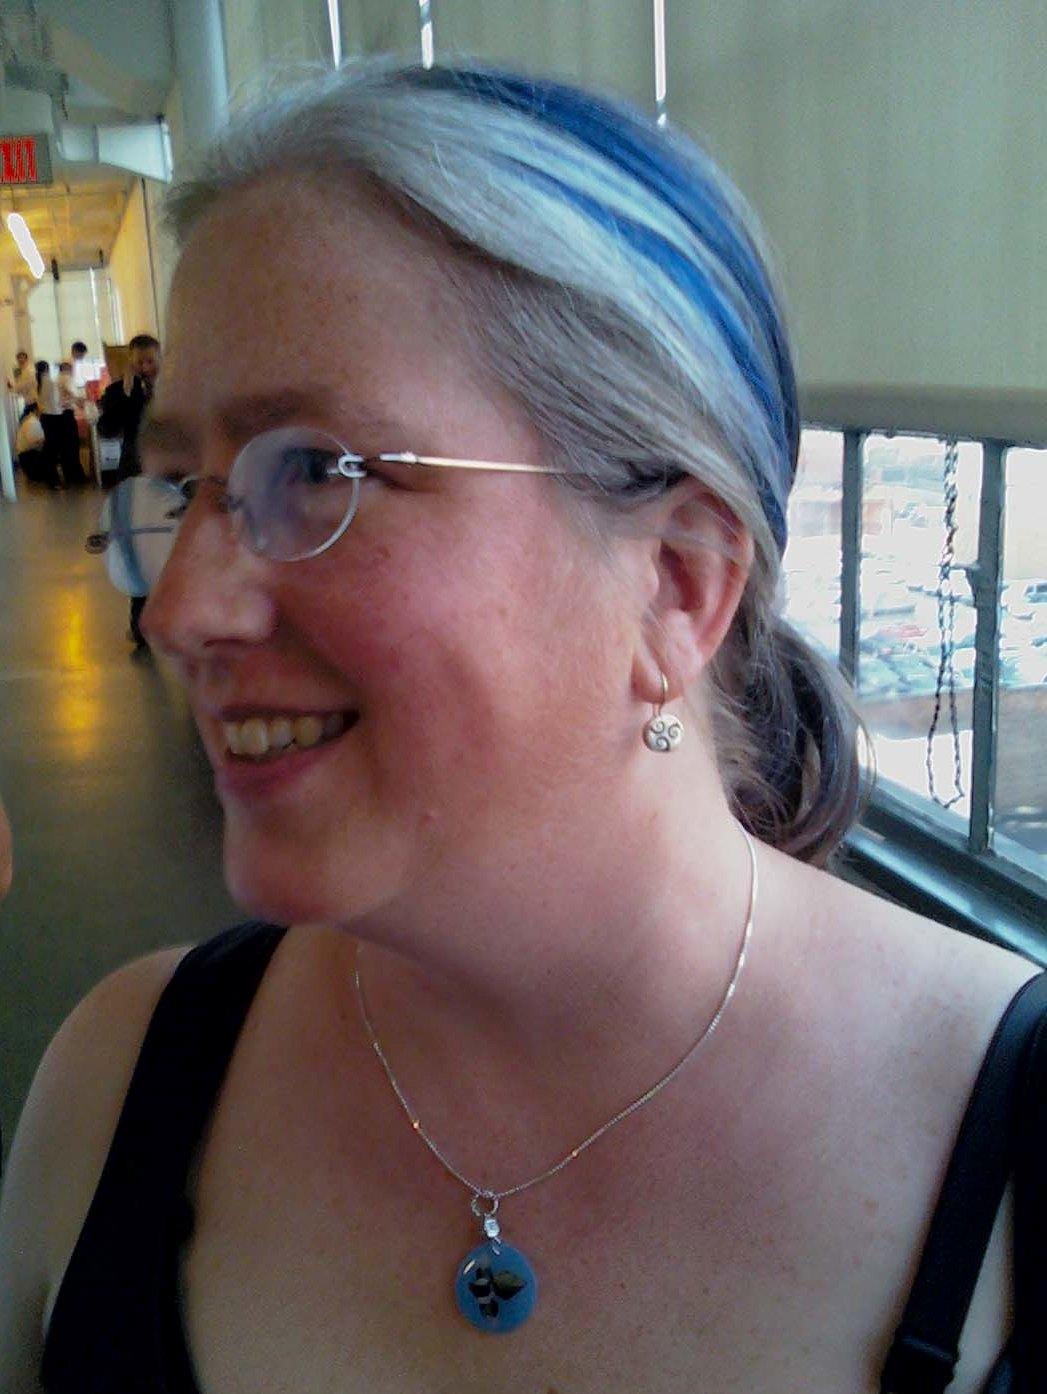 http://2.bp.blogspot.com/_6MKBhuBDOSk/TGBvz4D08eI/AAAAAAAADXE/riFUmHcIZmA/s1600/Wild+Blue+Hair.jpg